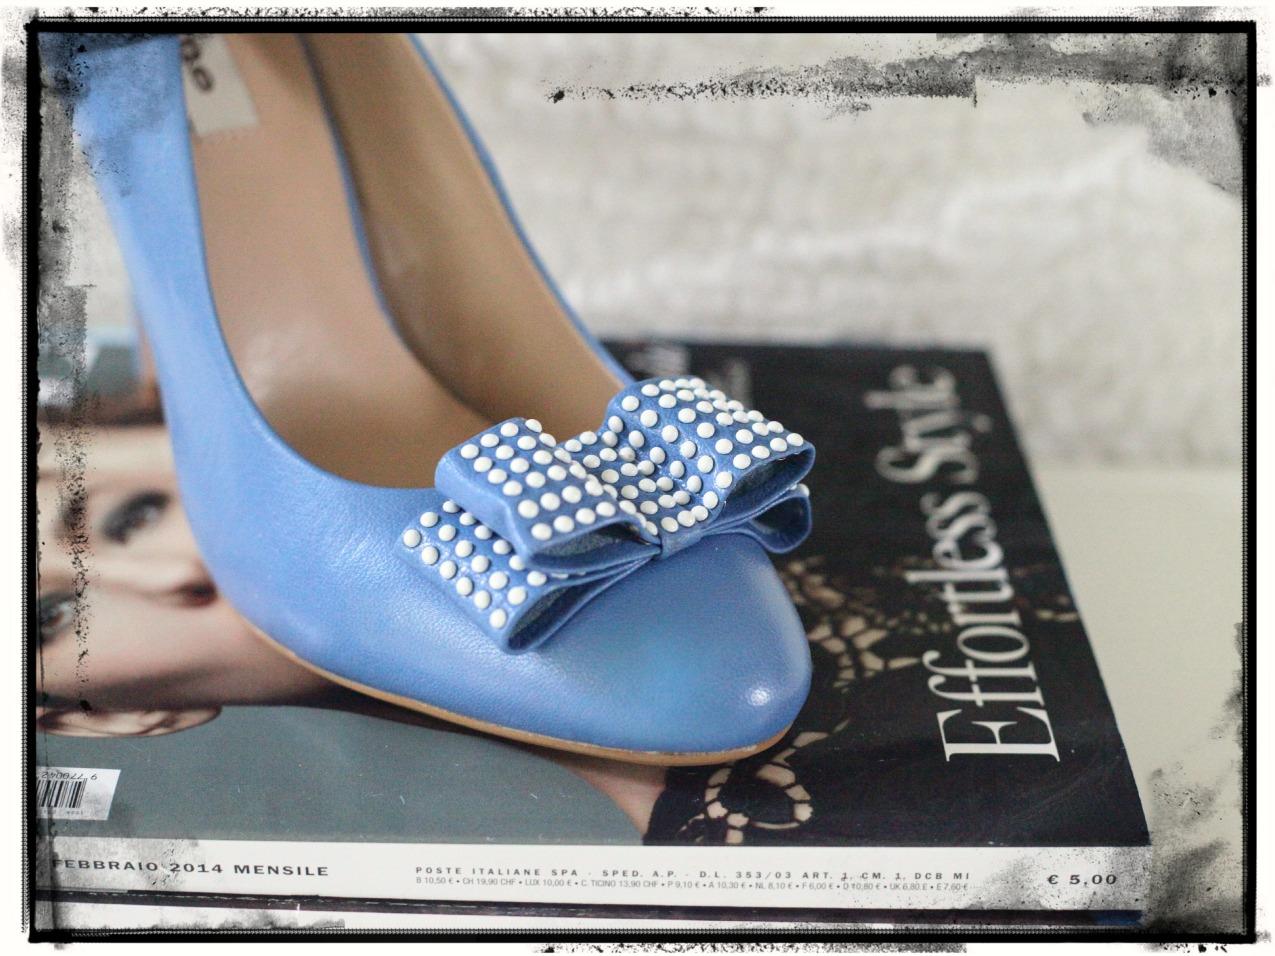 Scarpe, il più grande amore delle donne, alessia milanese, thechilicool, fashion blog, fashion blogger, dune abode sarenza